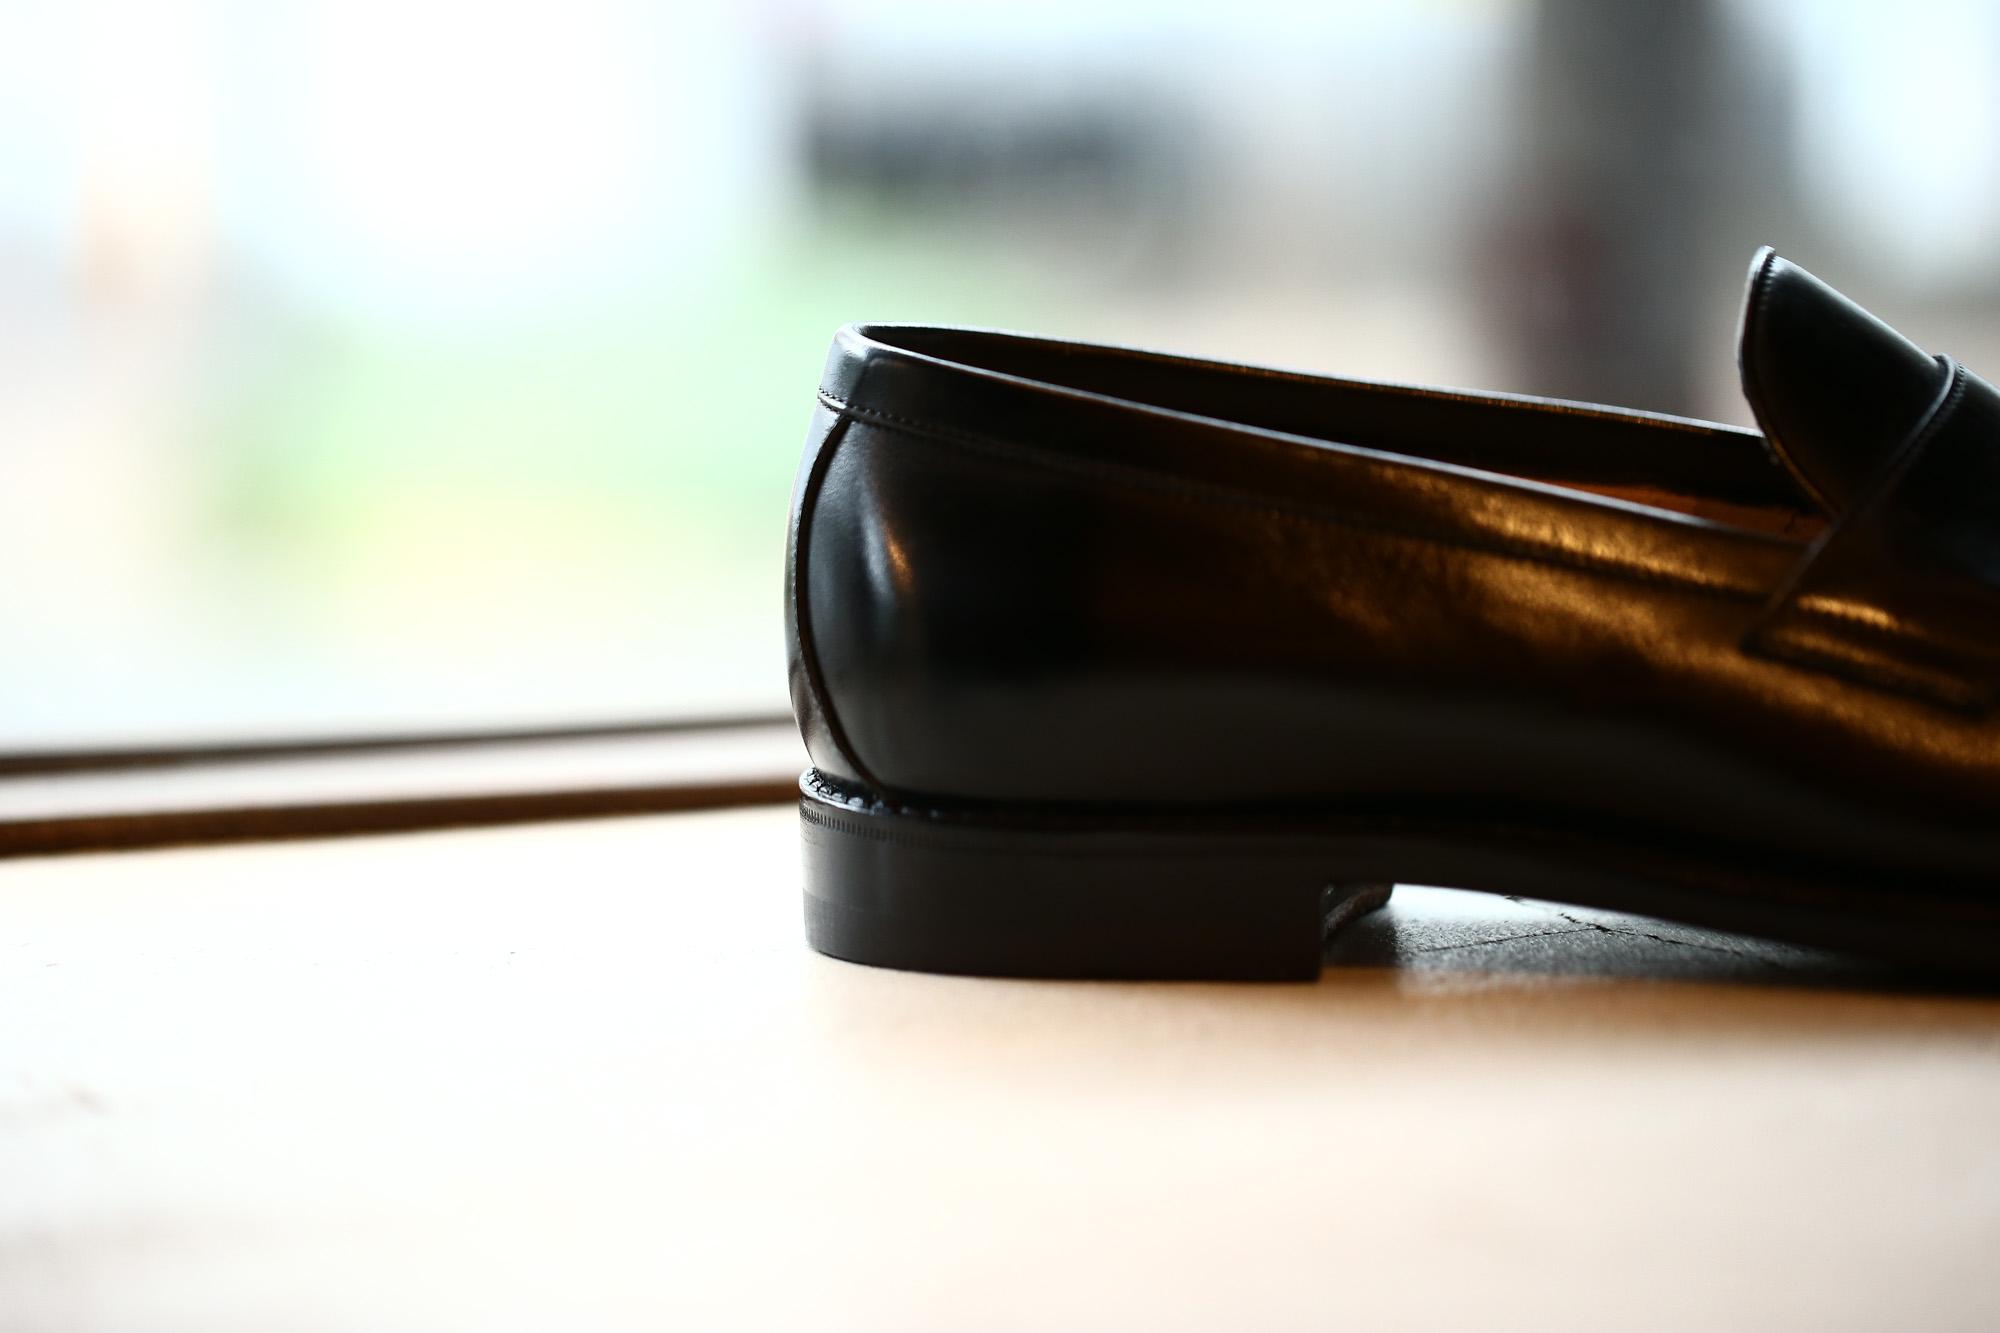 ENZO BONAFE(エンツォボナフェ) ART.3713 Coin Loafer コインローファー Crocodile クロコダイル エキゾチックレザーシューズ BLACK・999(ブラック・999) made in italy(イタリア製) 2018秋冬 enozobonafe クロコ クロコローファー 愛知 名古屋 Alto e Diritto アルト エ デリット